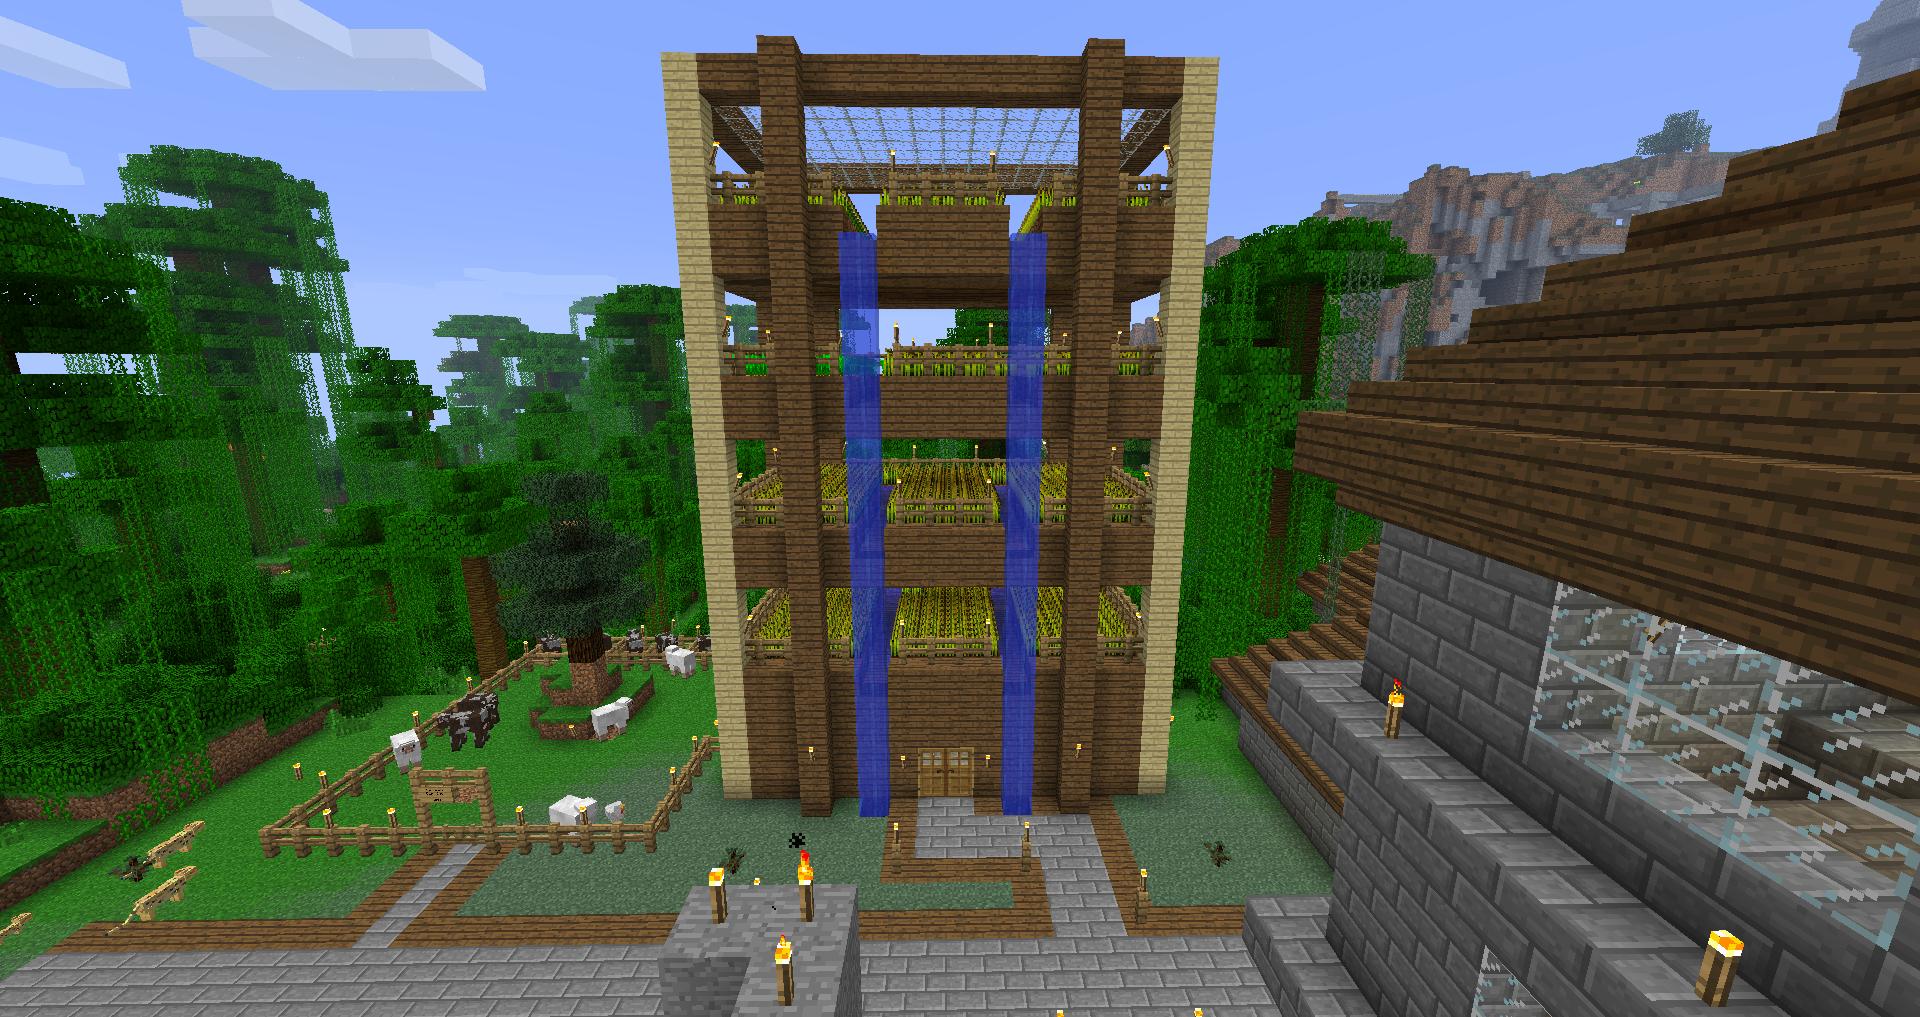 minecraft farm idea google search - Minecraft Pe Garden Ideas